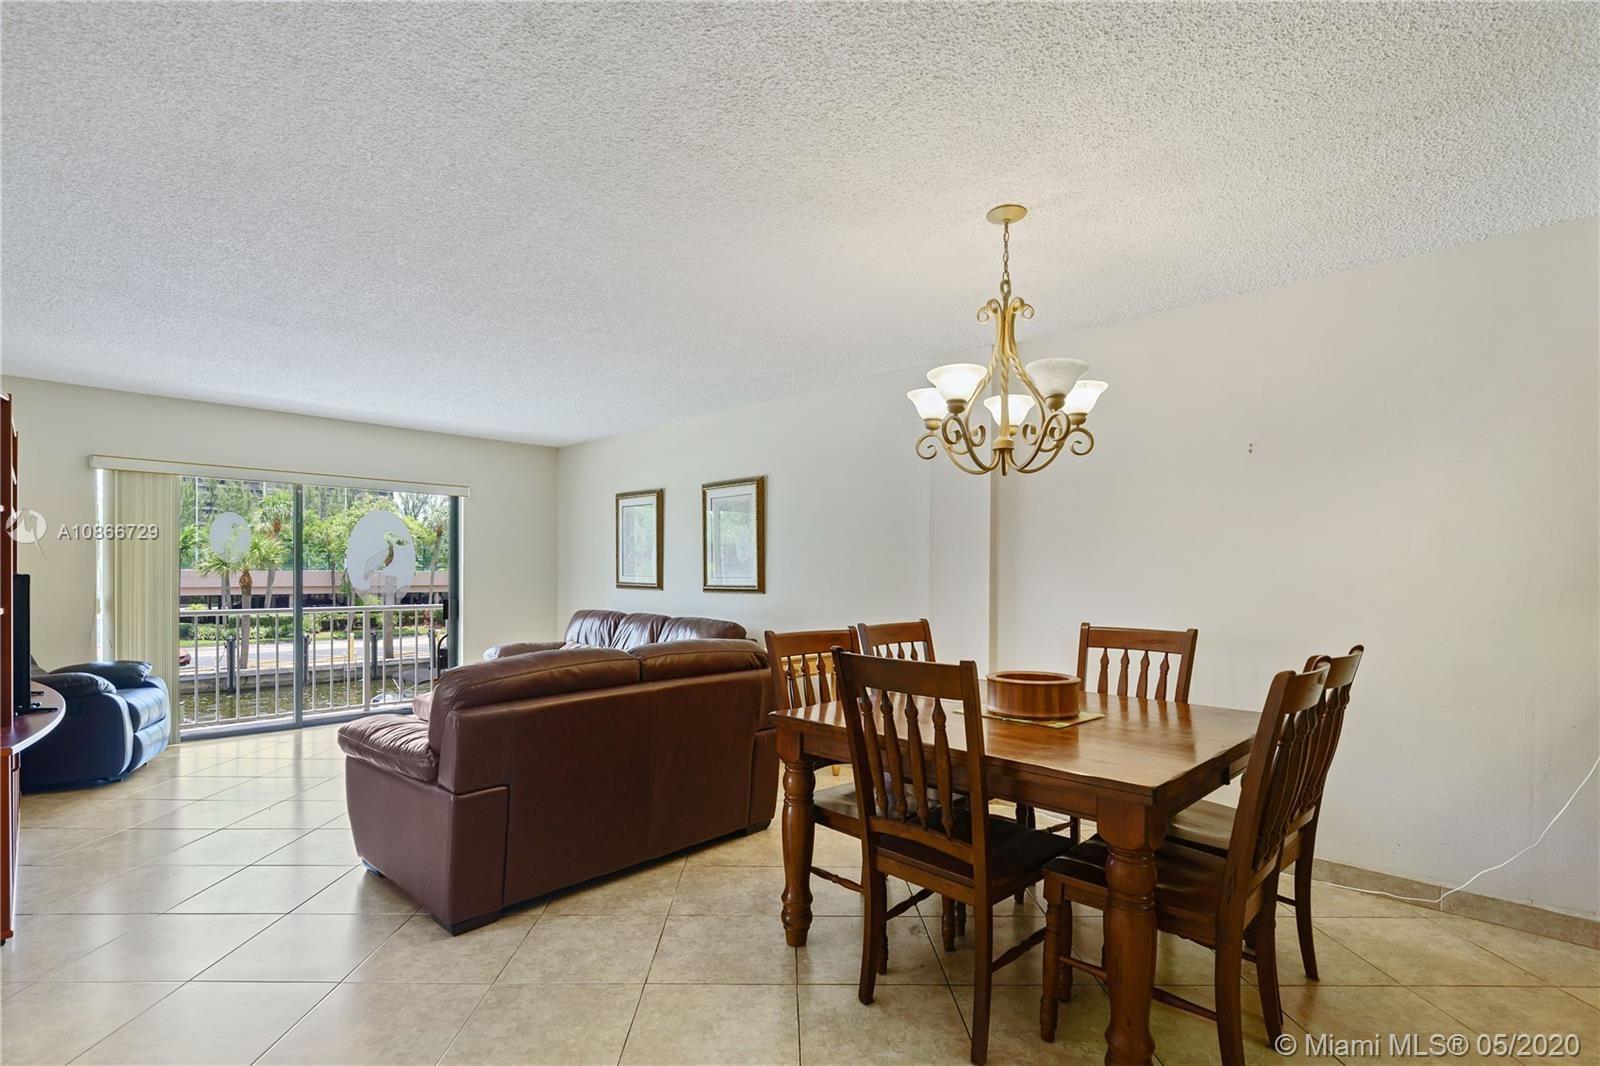 Photo of 1650 NE 115th St #201, Miami, FL 33181 (MLS # A10866729)